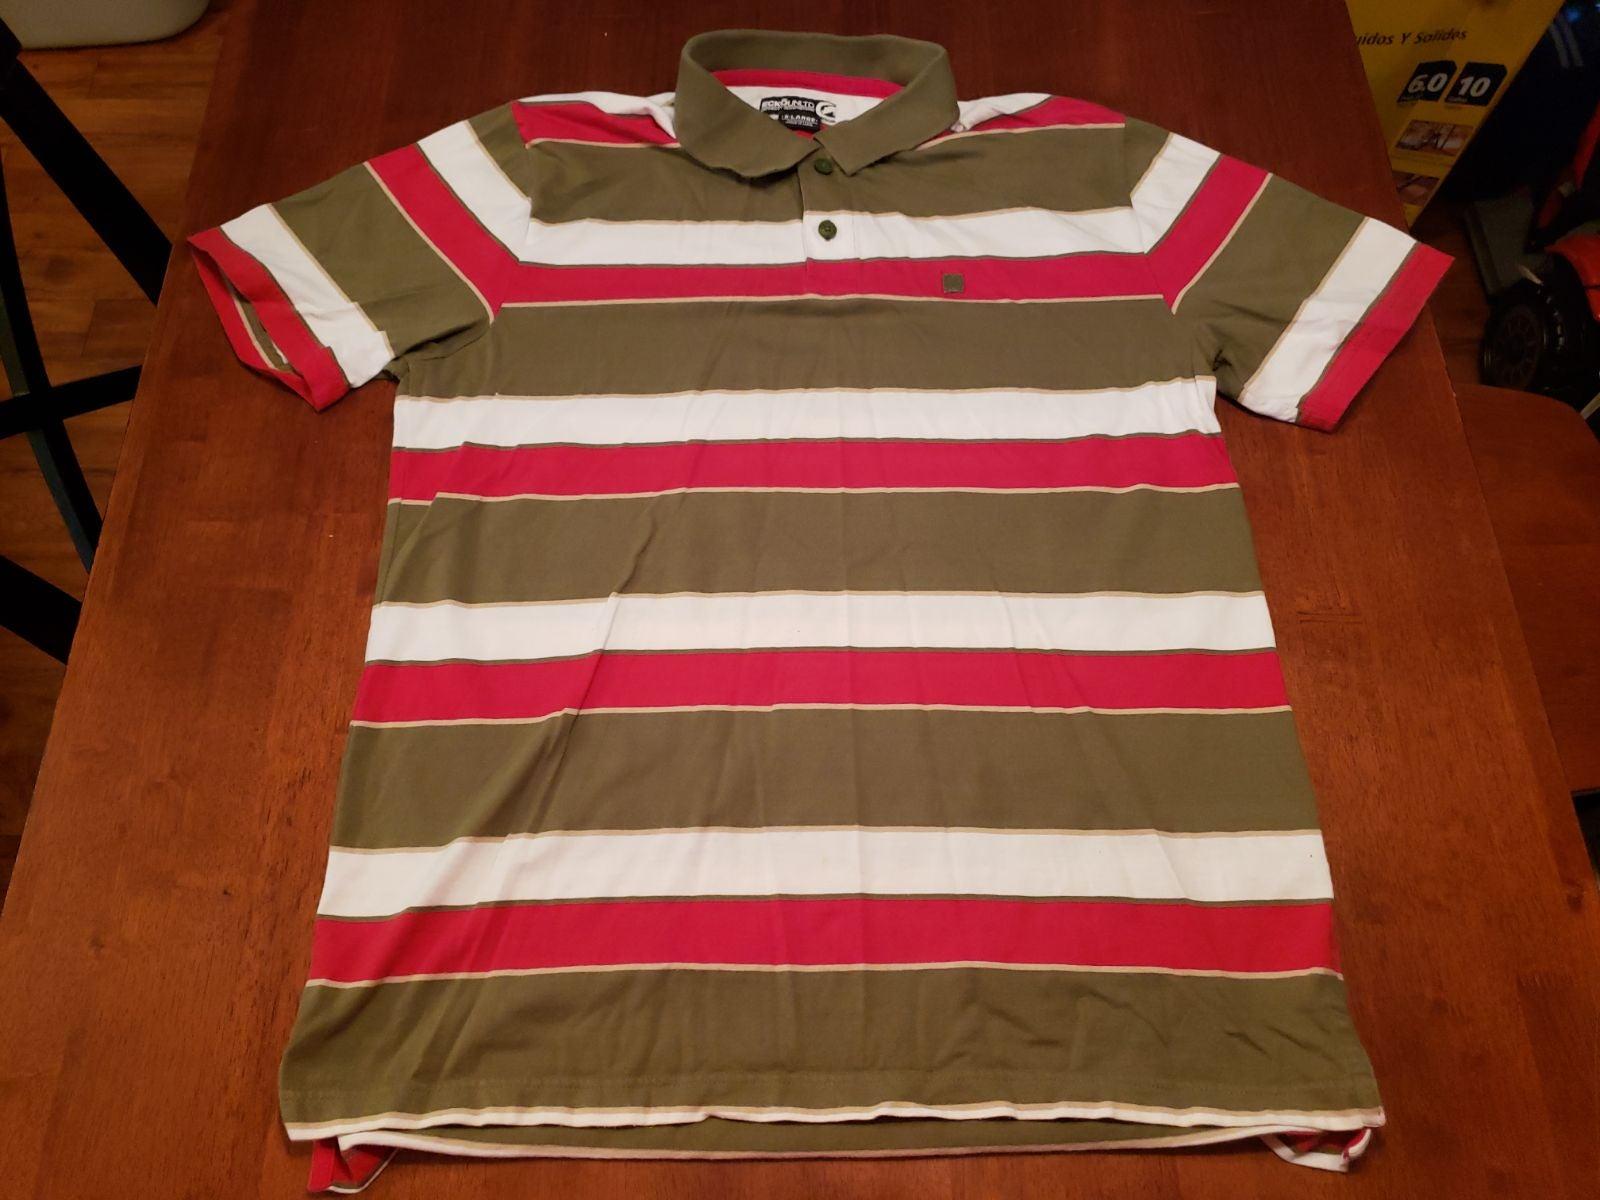 Ecko Unltd poll shirt